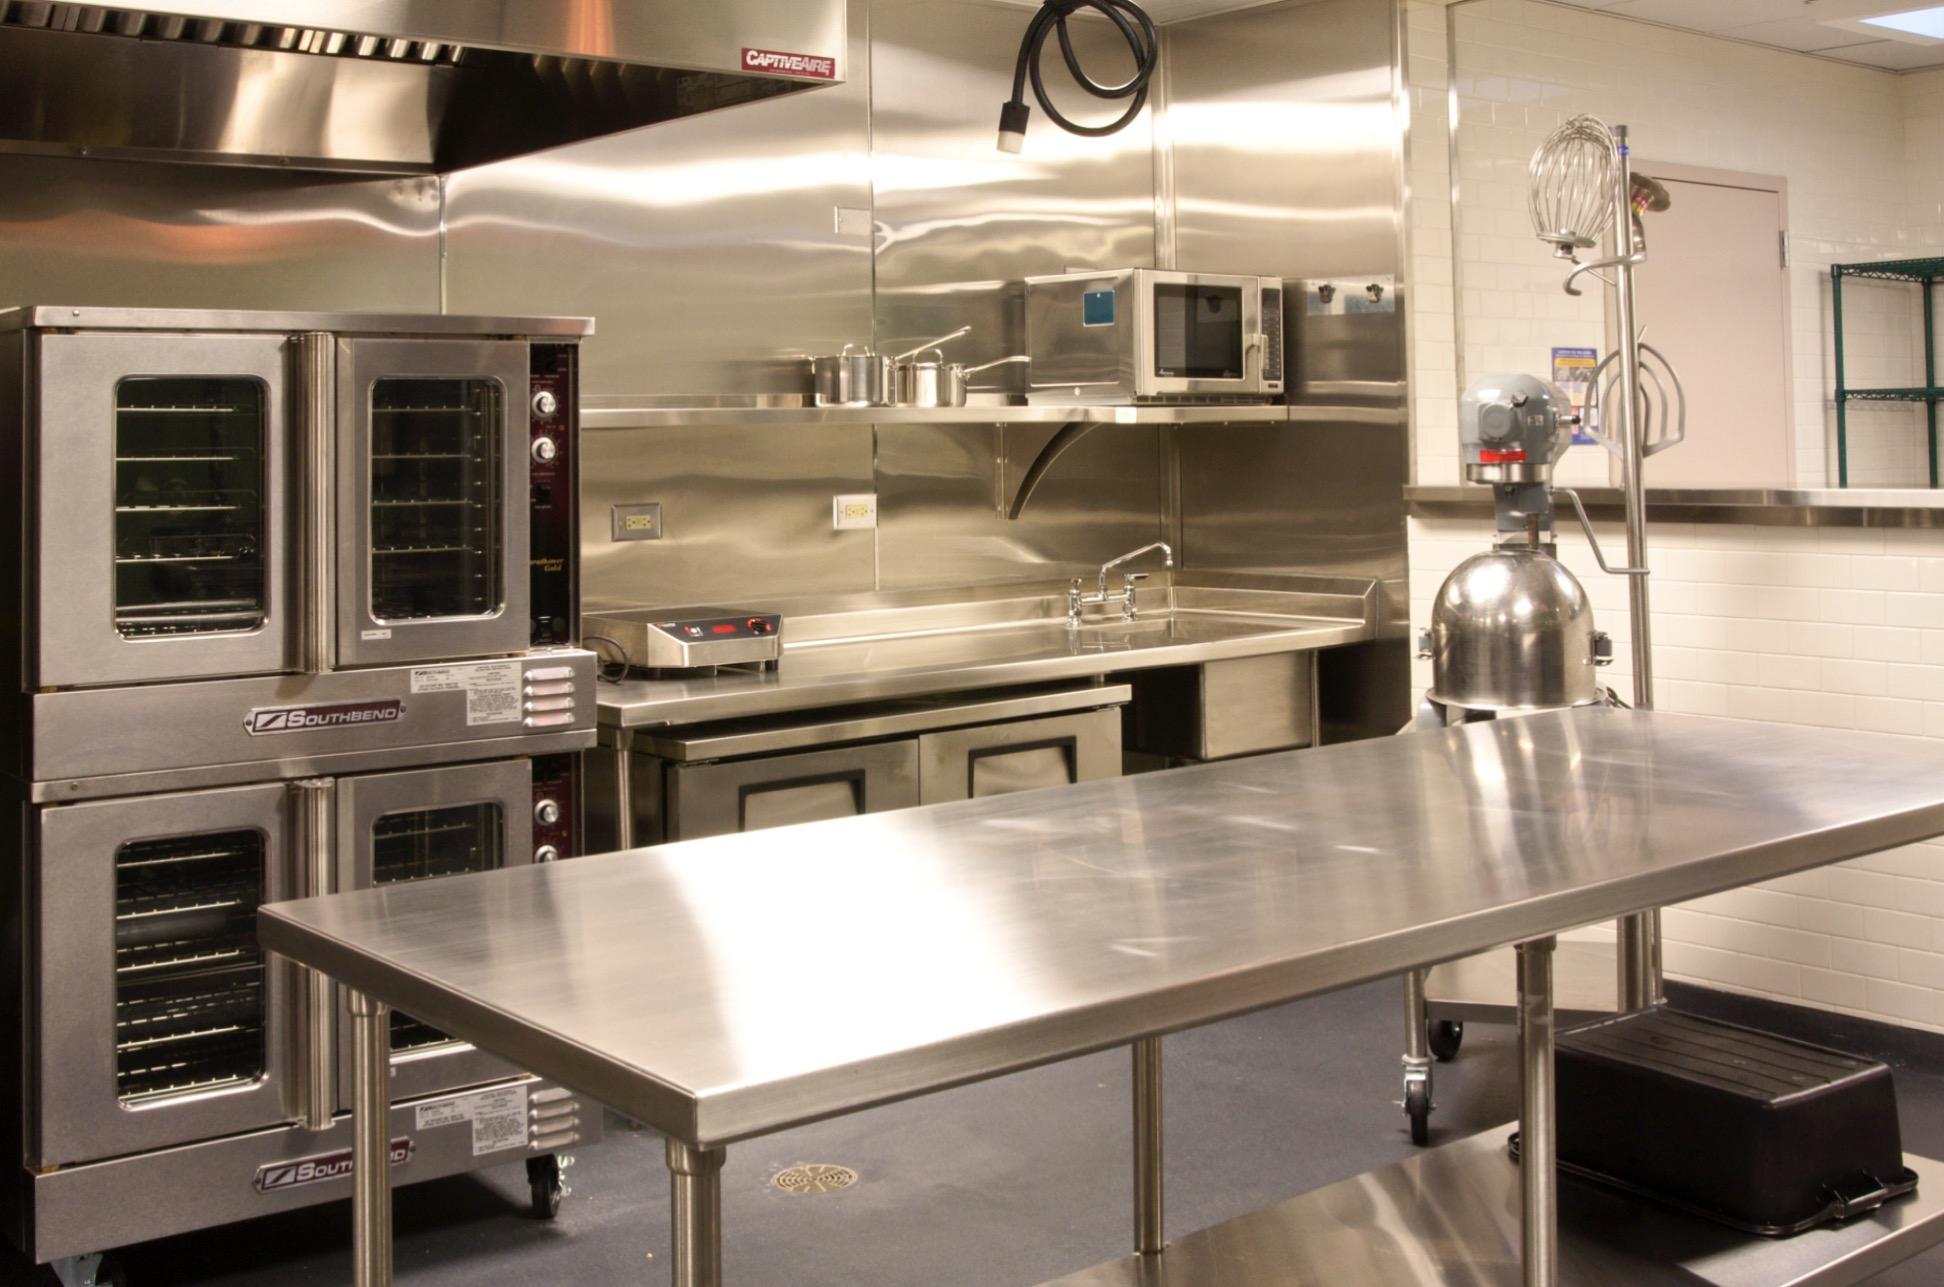 a shared kitchen - Shared Kitchen